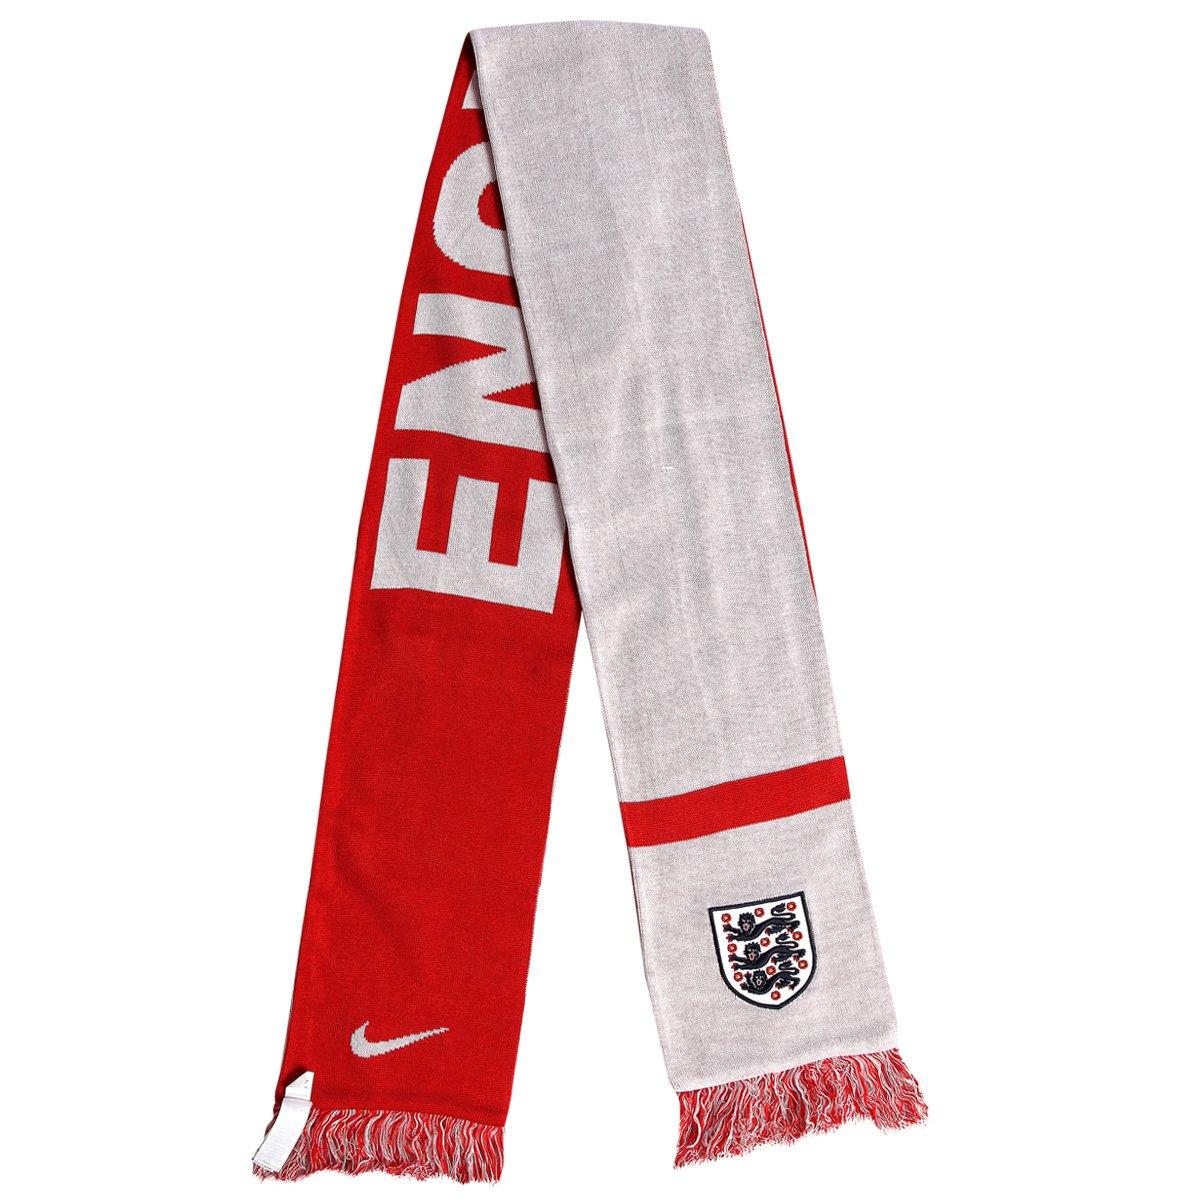 d3203e59960c6 Cachecol Nike Seleção Inglaterra Supporters - Compre Agora